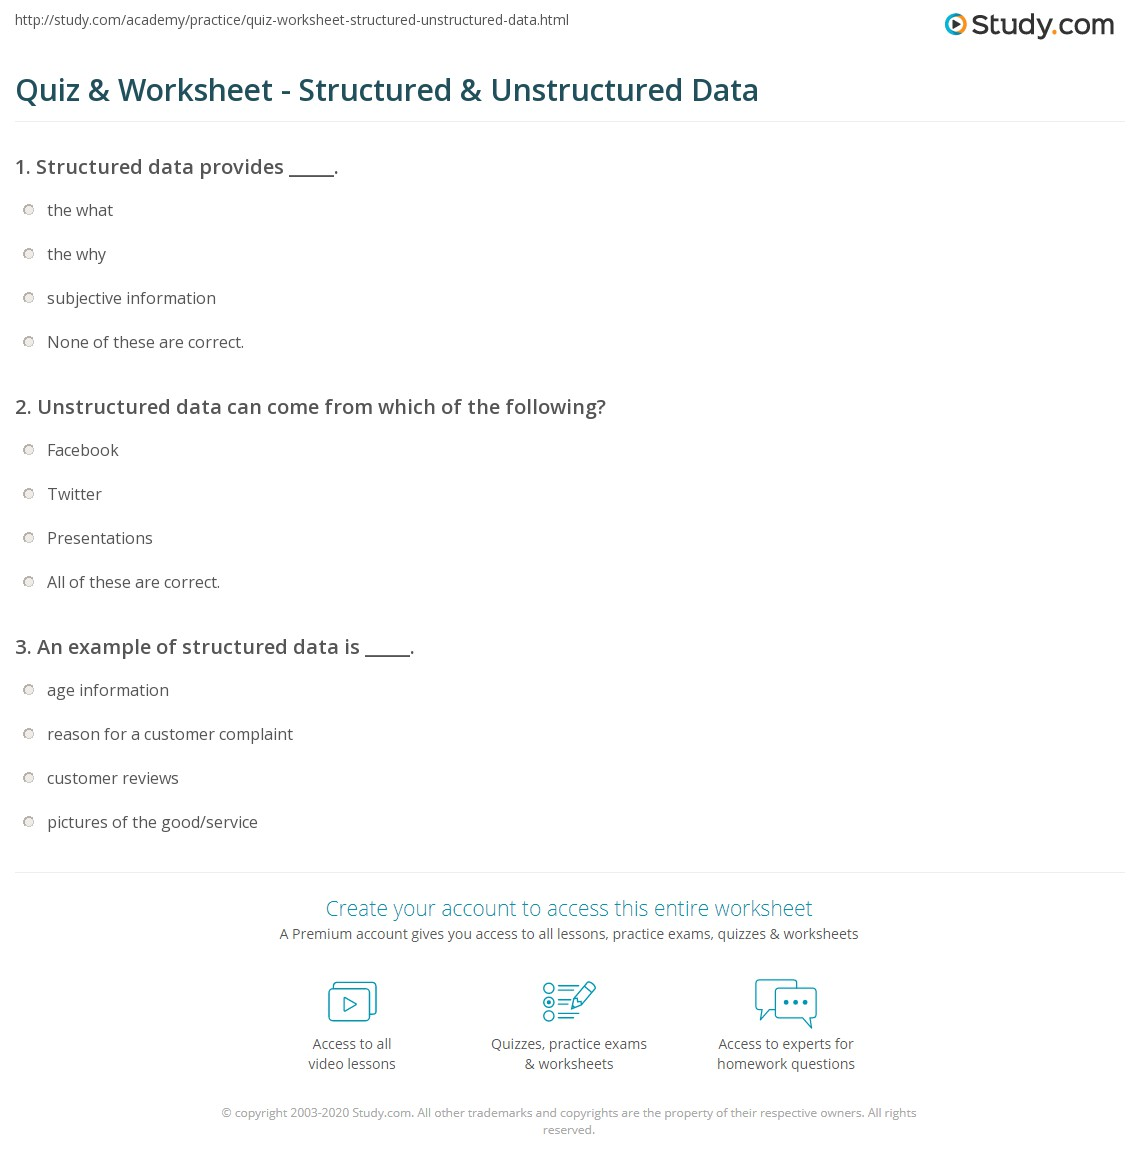 quiz & worksheet - structured & unstructured data | study